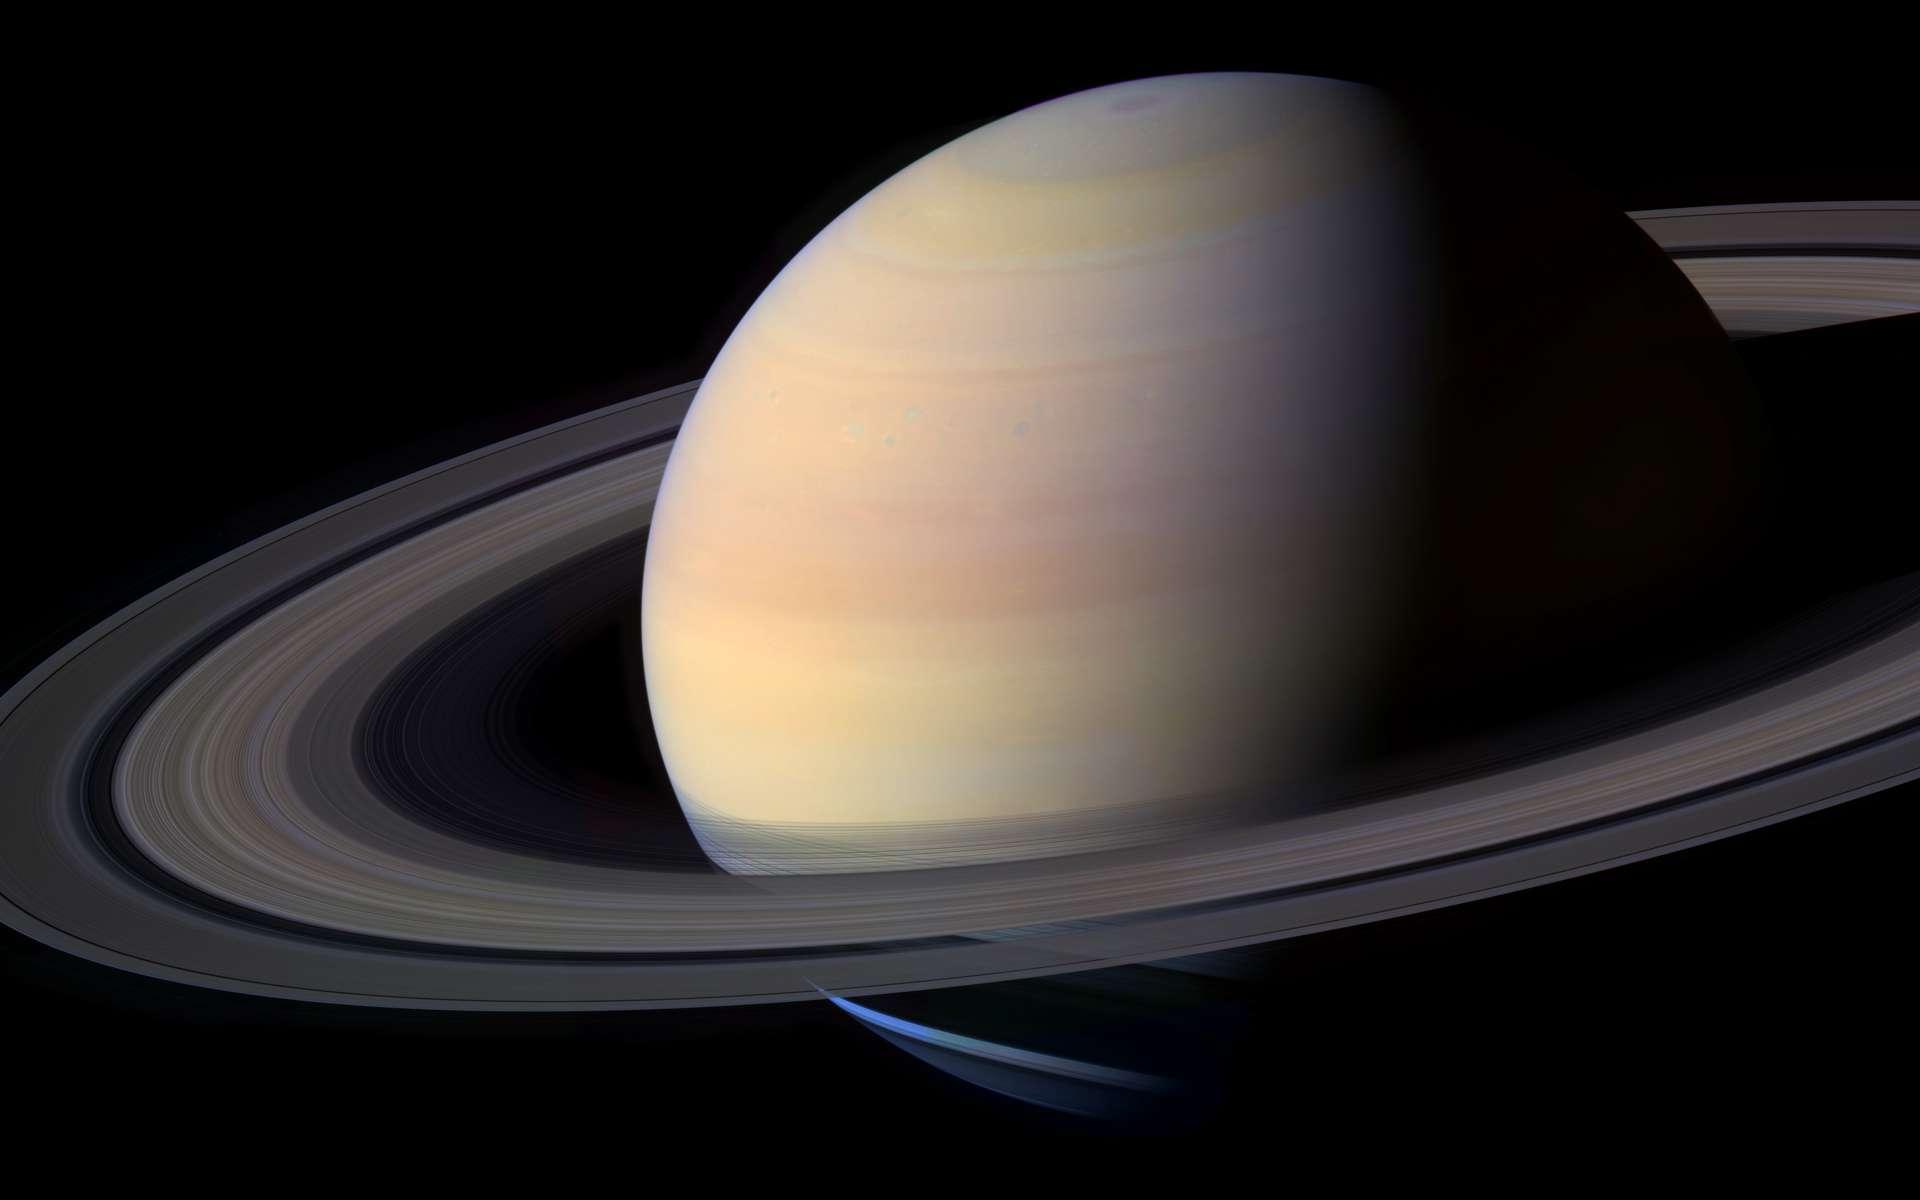 Saturne, ses anneaux et ses petites lunes constituent un système complexe et en perpétuelle évolution, qui passionne les astronomes. © Nasa